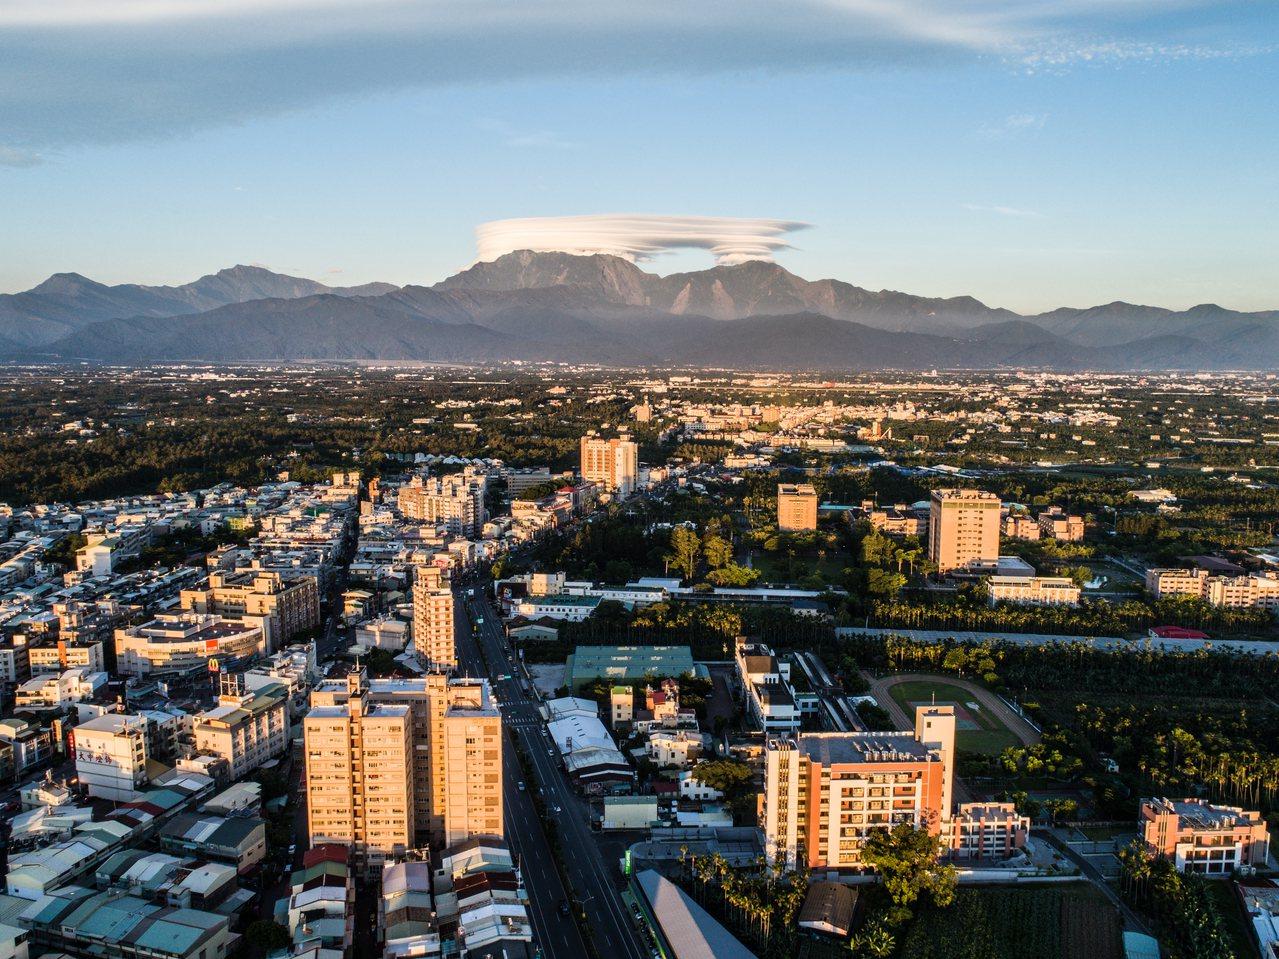 在城市裡就可以看到大武山,是屏東獨有的美景。王品晴攝影/屏東縣政府提供